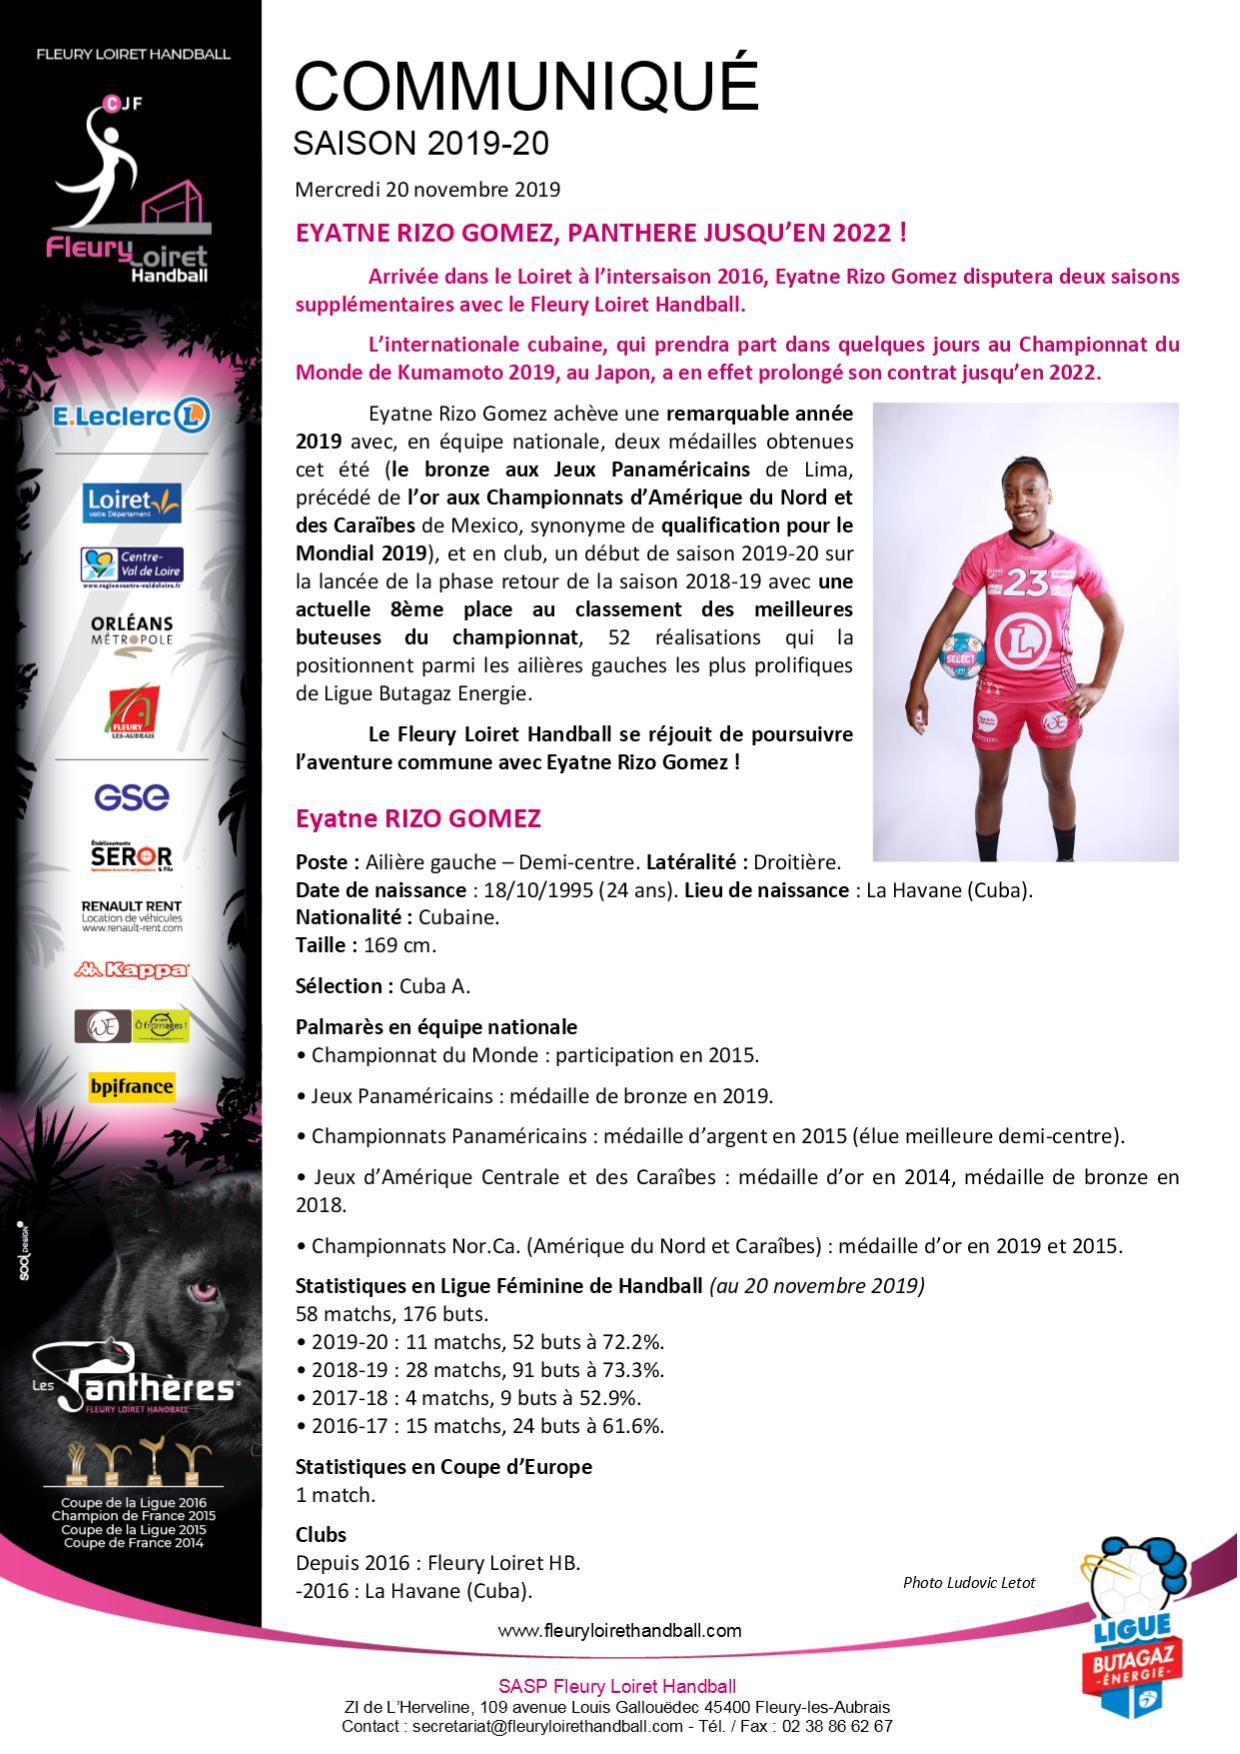 Aout 2015 - Communiqué Fleury Loiret Handball - Mercredi 20 novembre 2019.jpg